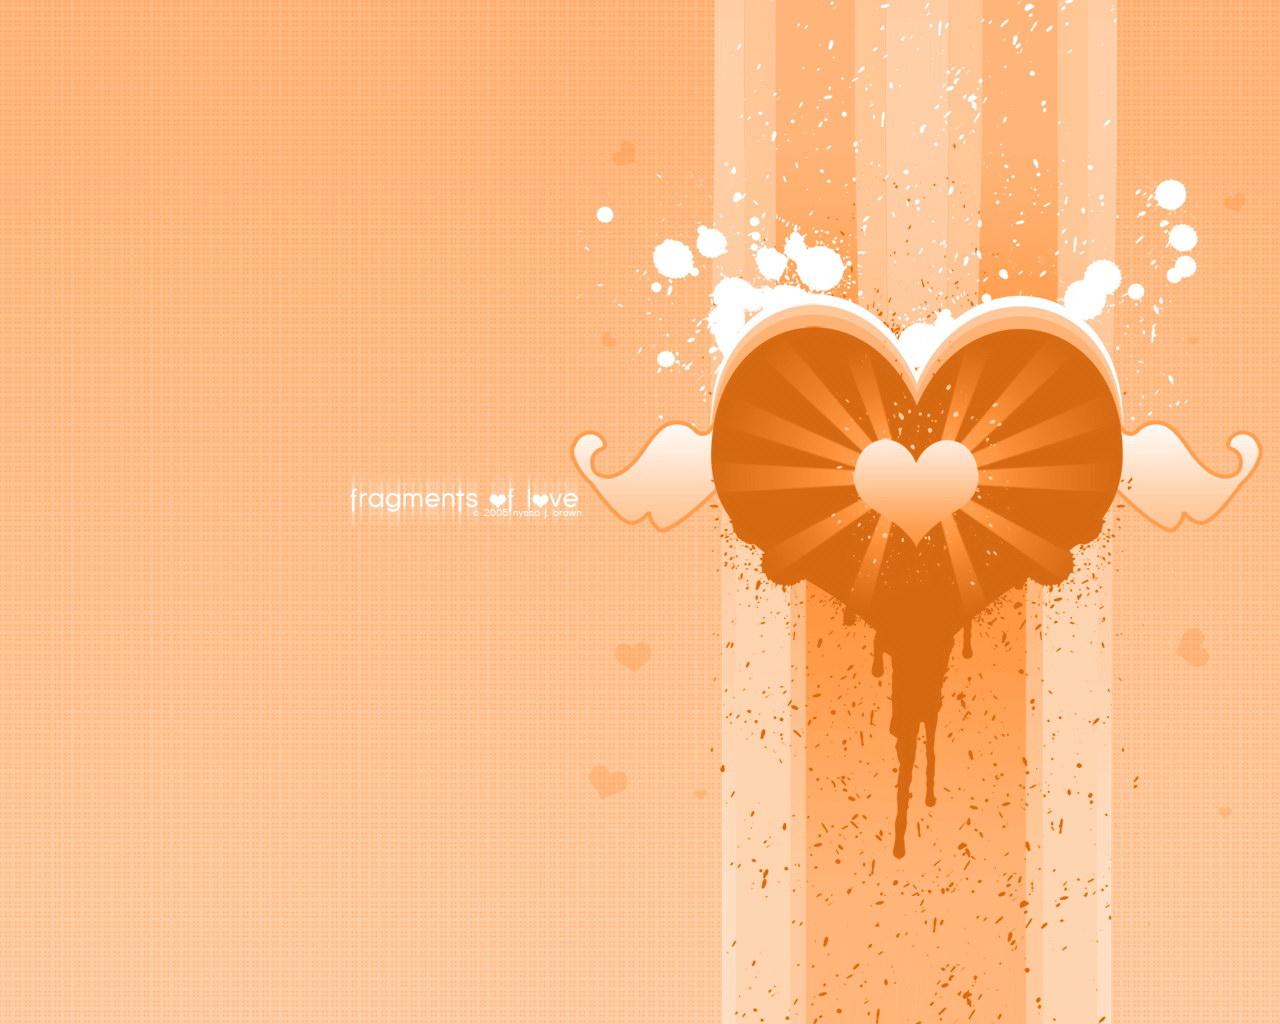 http://2.bp.blogspot.com/-4yaPCtTca5U/TnZkUefPA2I/AAAAAAAAAaQ/zycM1yF3rDA/s1600/Love%2B13%2B1280X1024%2BLove%2BFriendship%2BWallpaper.jpg